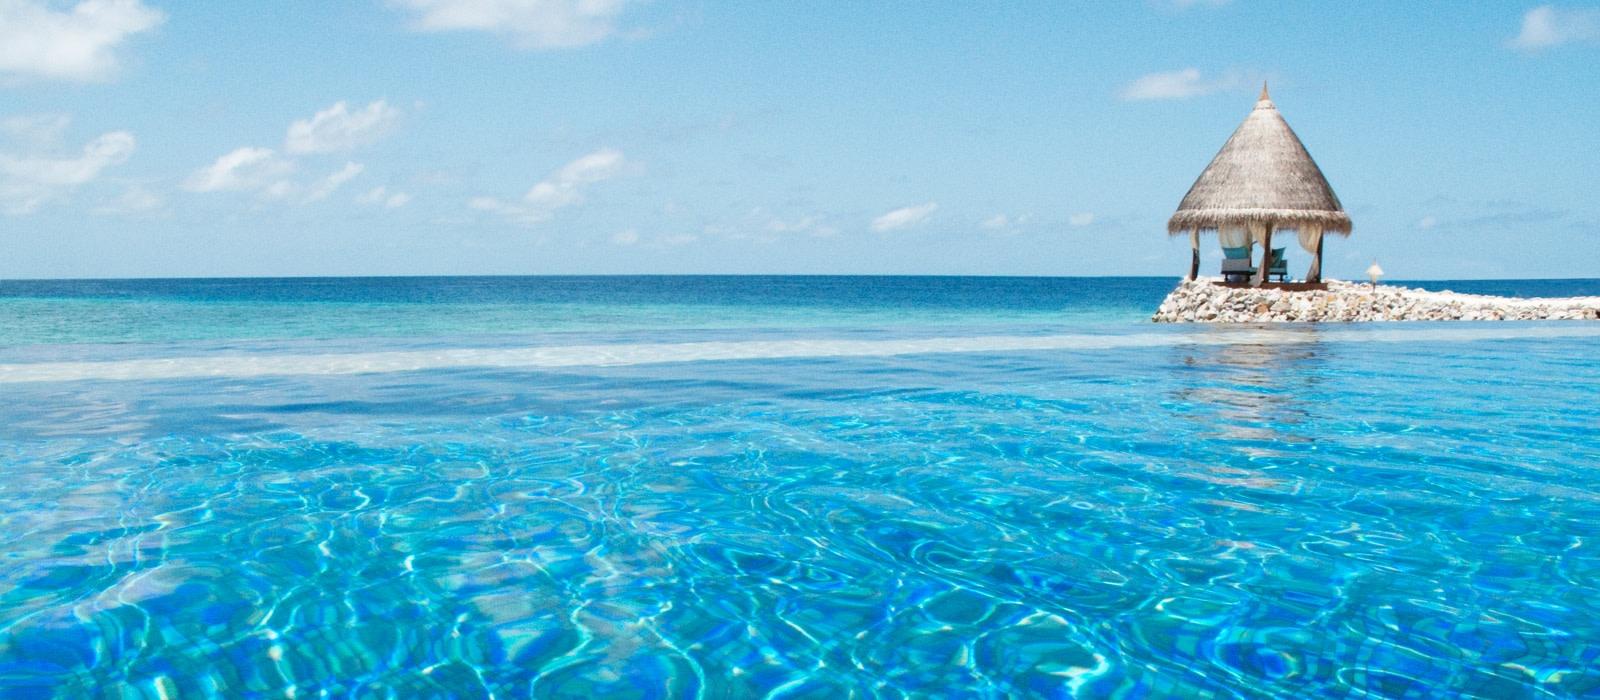 Hotel Taj Coral Reef, Maldives Malediven